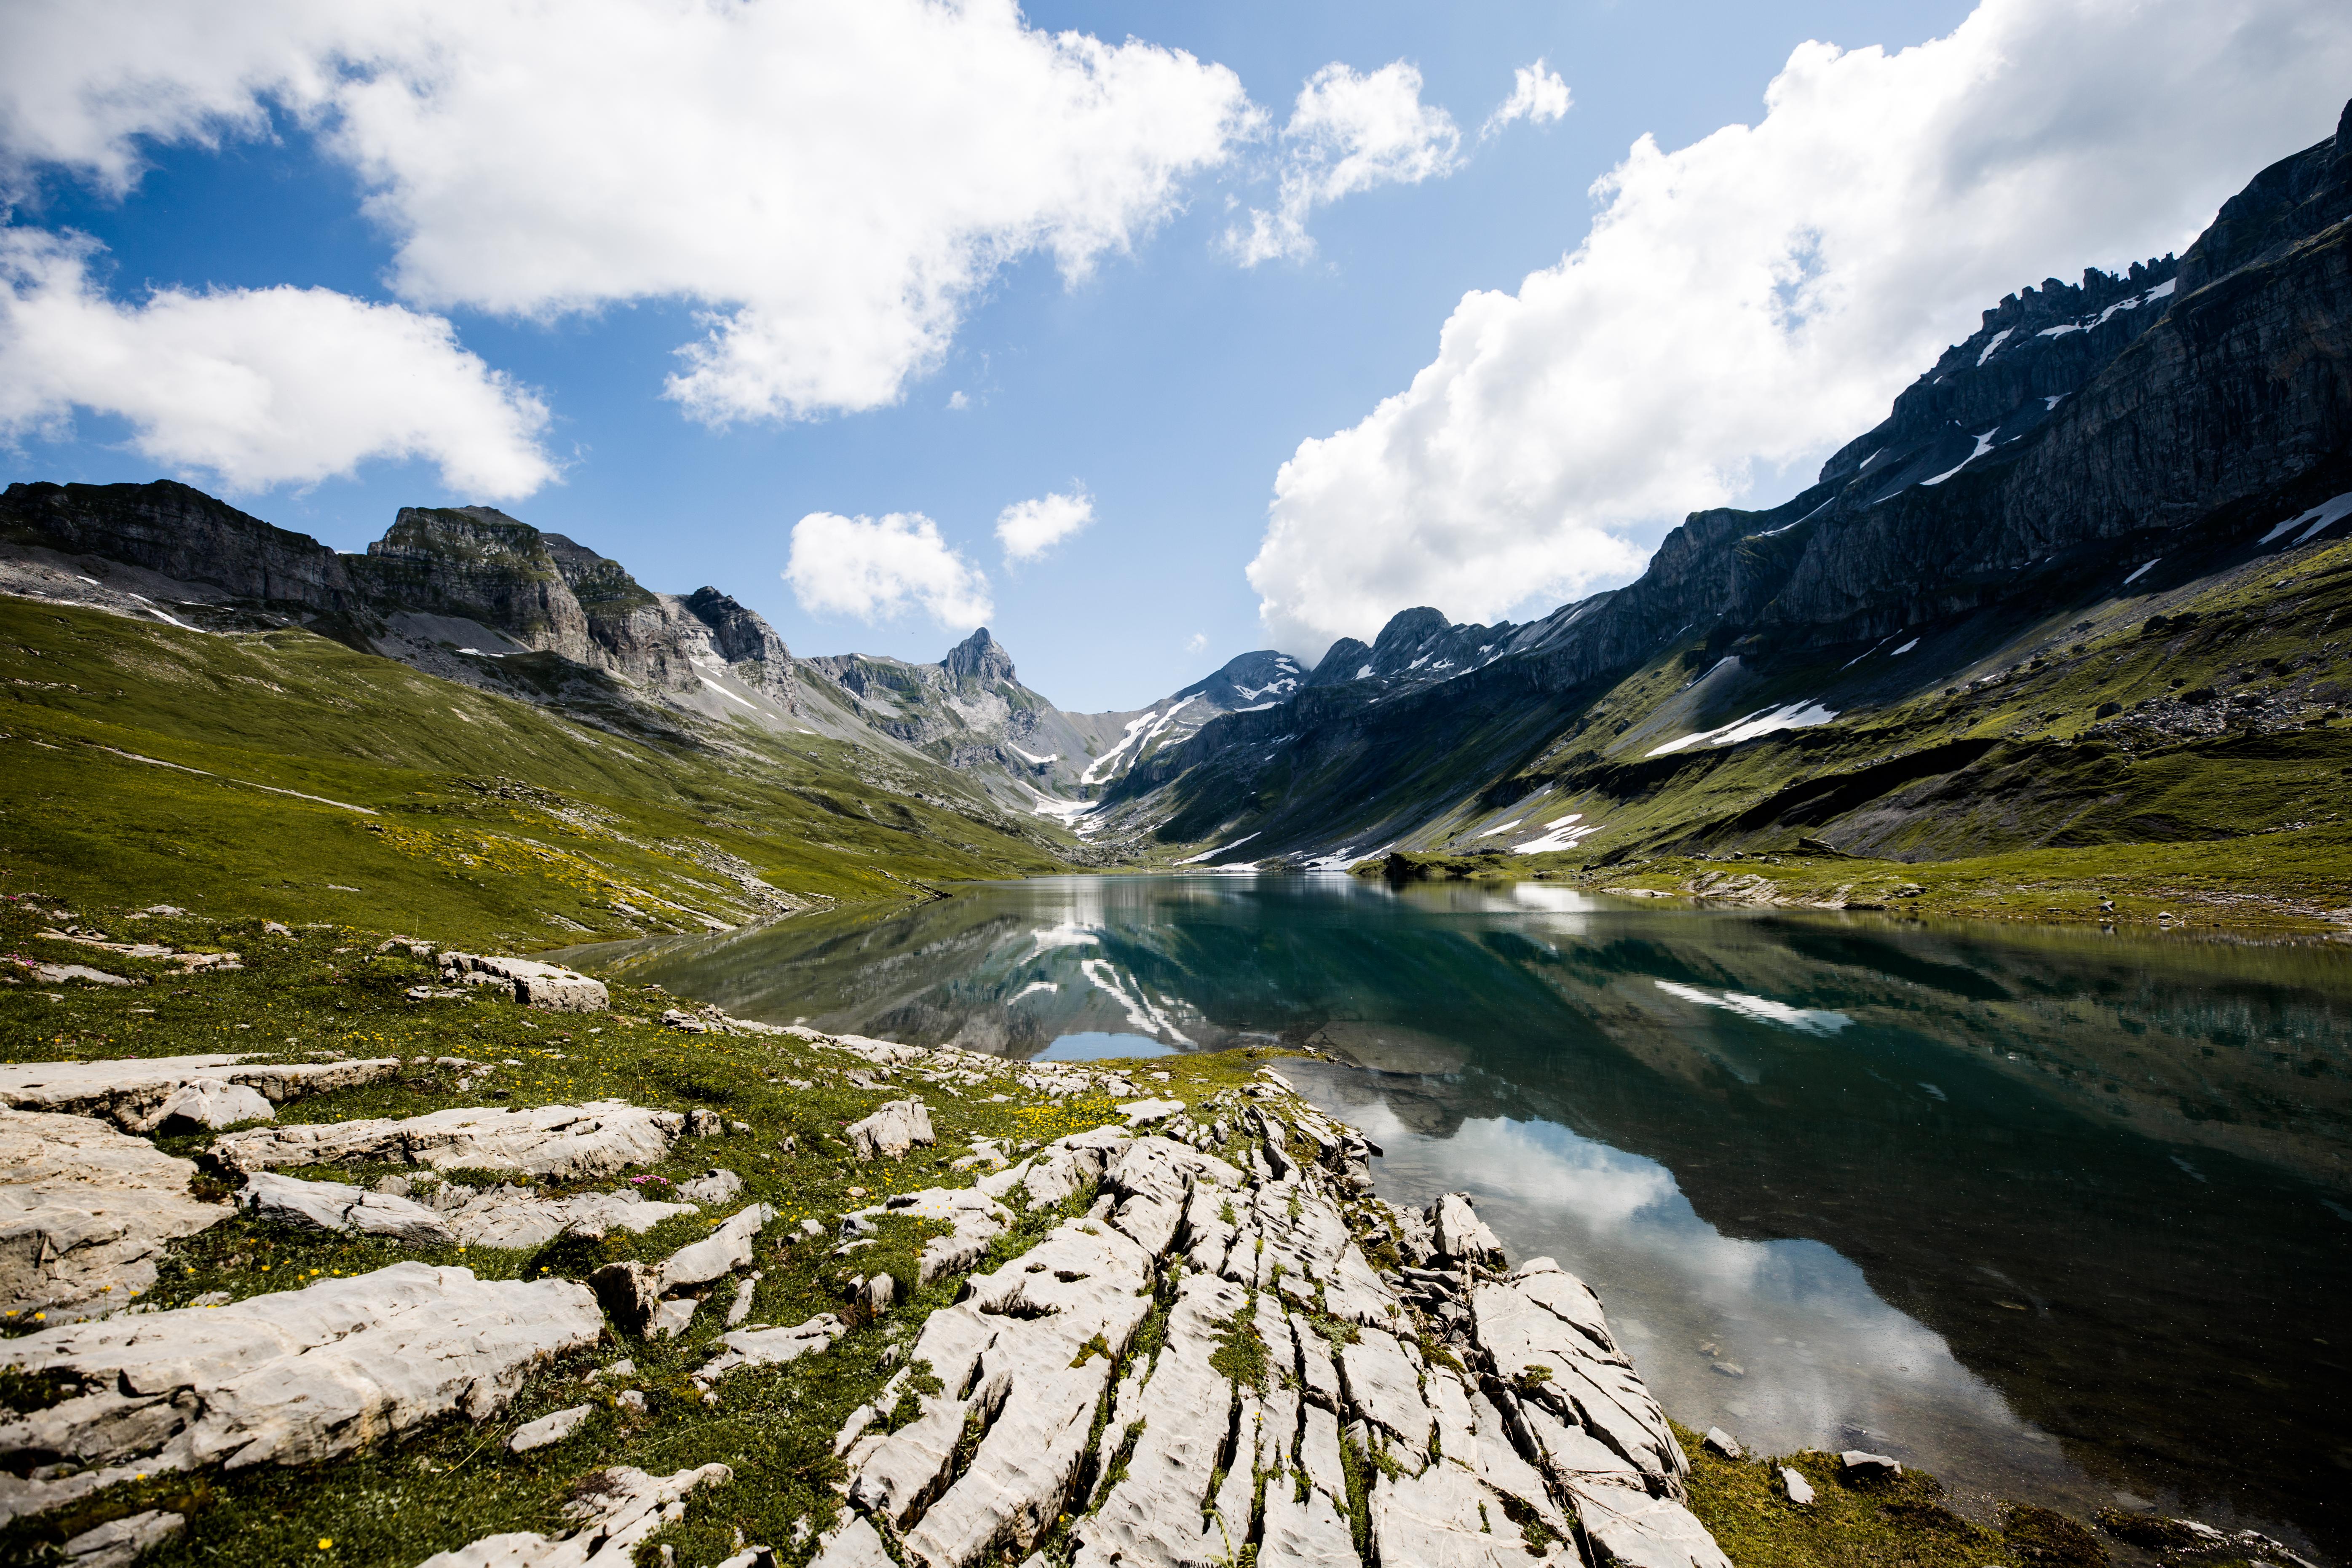 Landschaftsfotografie Elena Gwerder Fotografie - Glattalp Muotathal